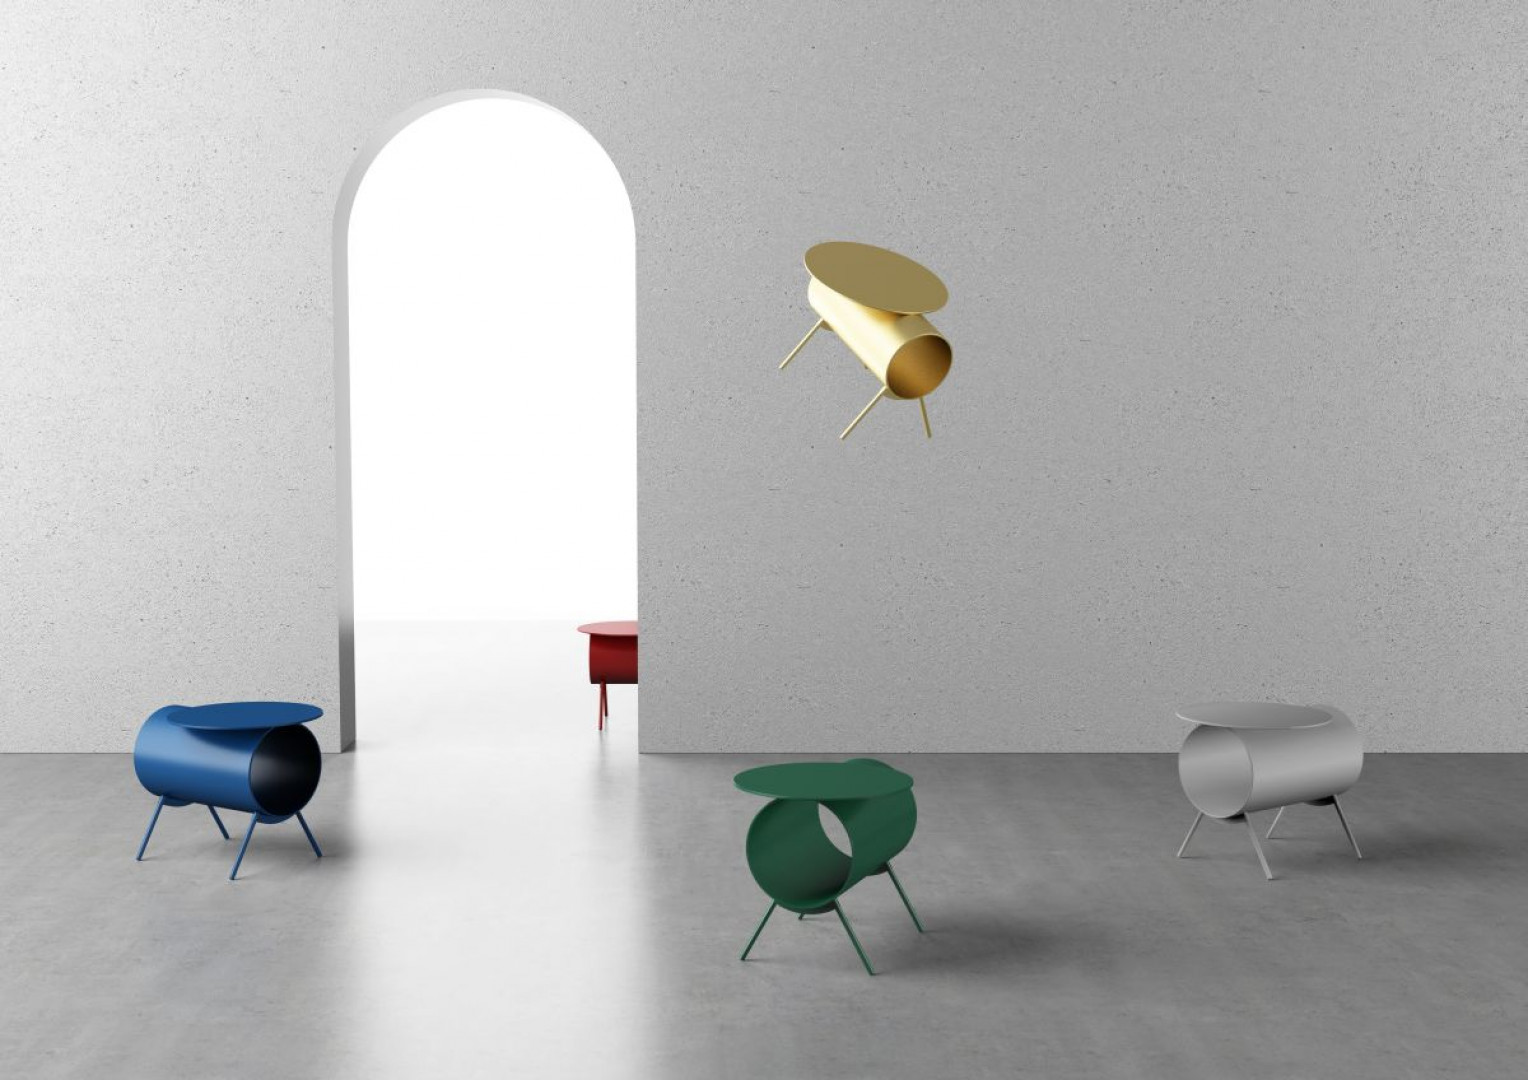 """Jednym z laureatów konkursu The Rising Talent Awards był chiński projektant Mario Tsai. Na wystawie pojawiły się jego fantazyjne stoliki kawowe. Fot. Serwis targów """"Maison & Objet""""/ Aethion"""